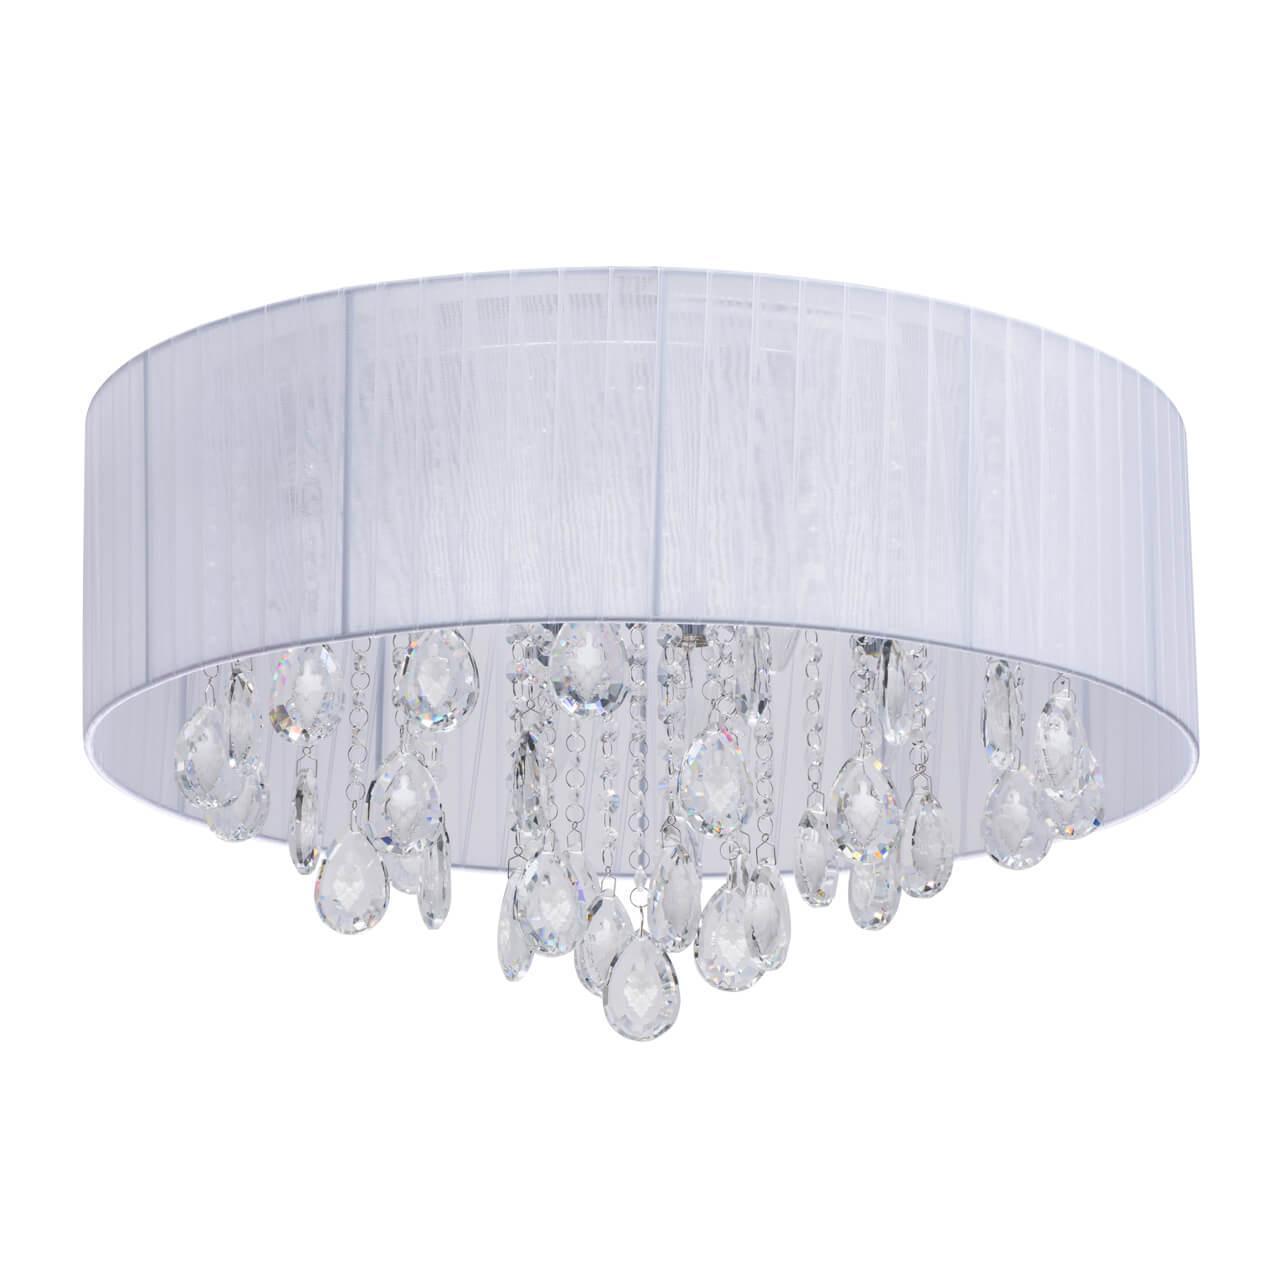 Потолочный светильник MW-Light 465015709, E14, 60 Вт